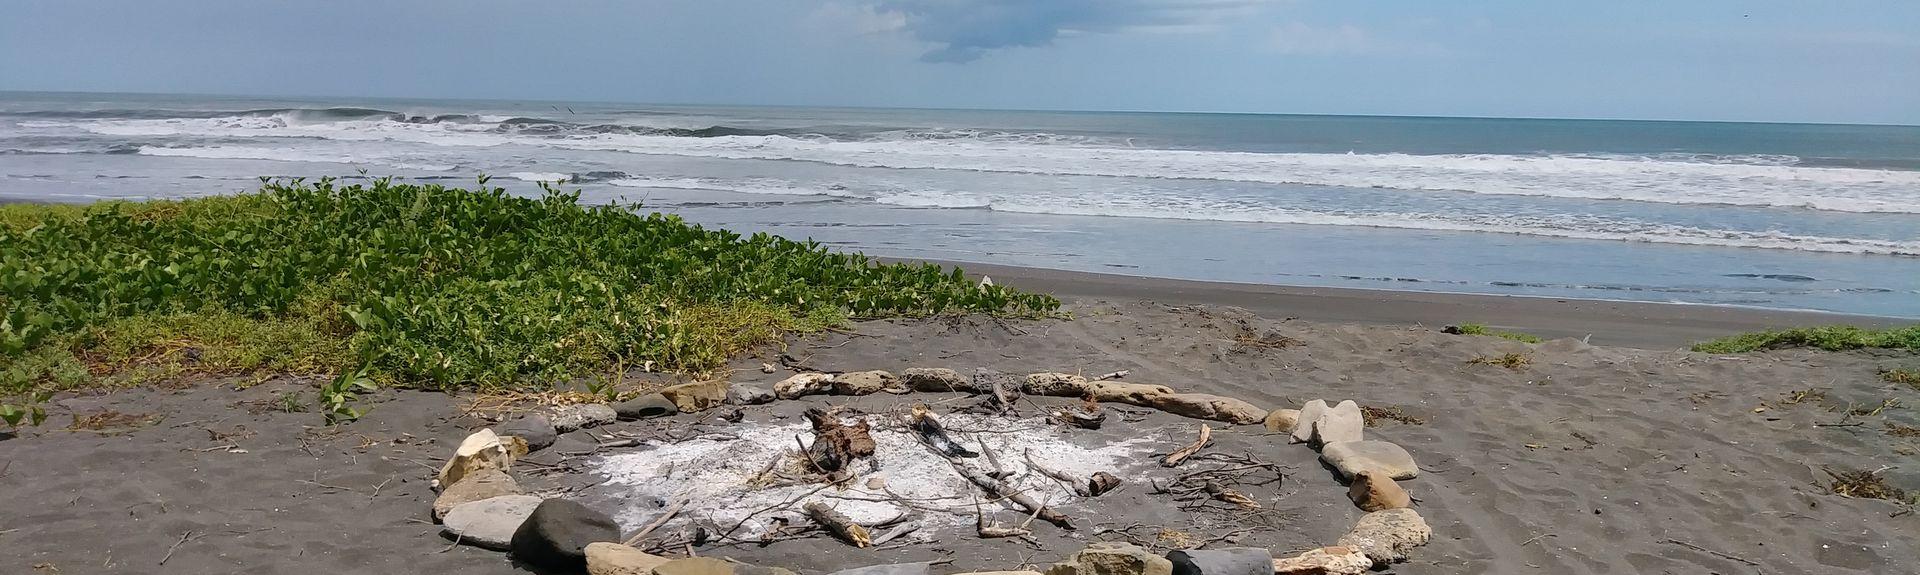 Λεόν, Νικαράγουα